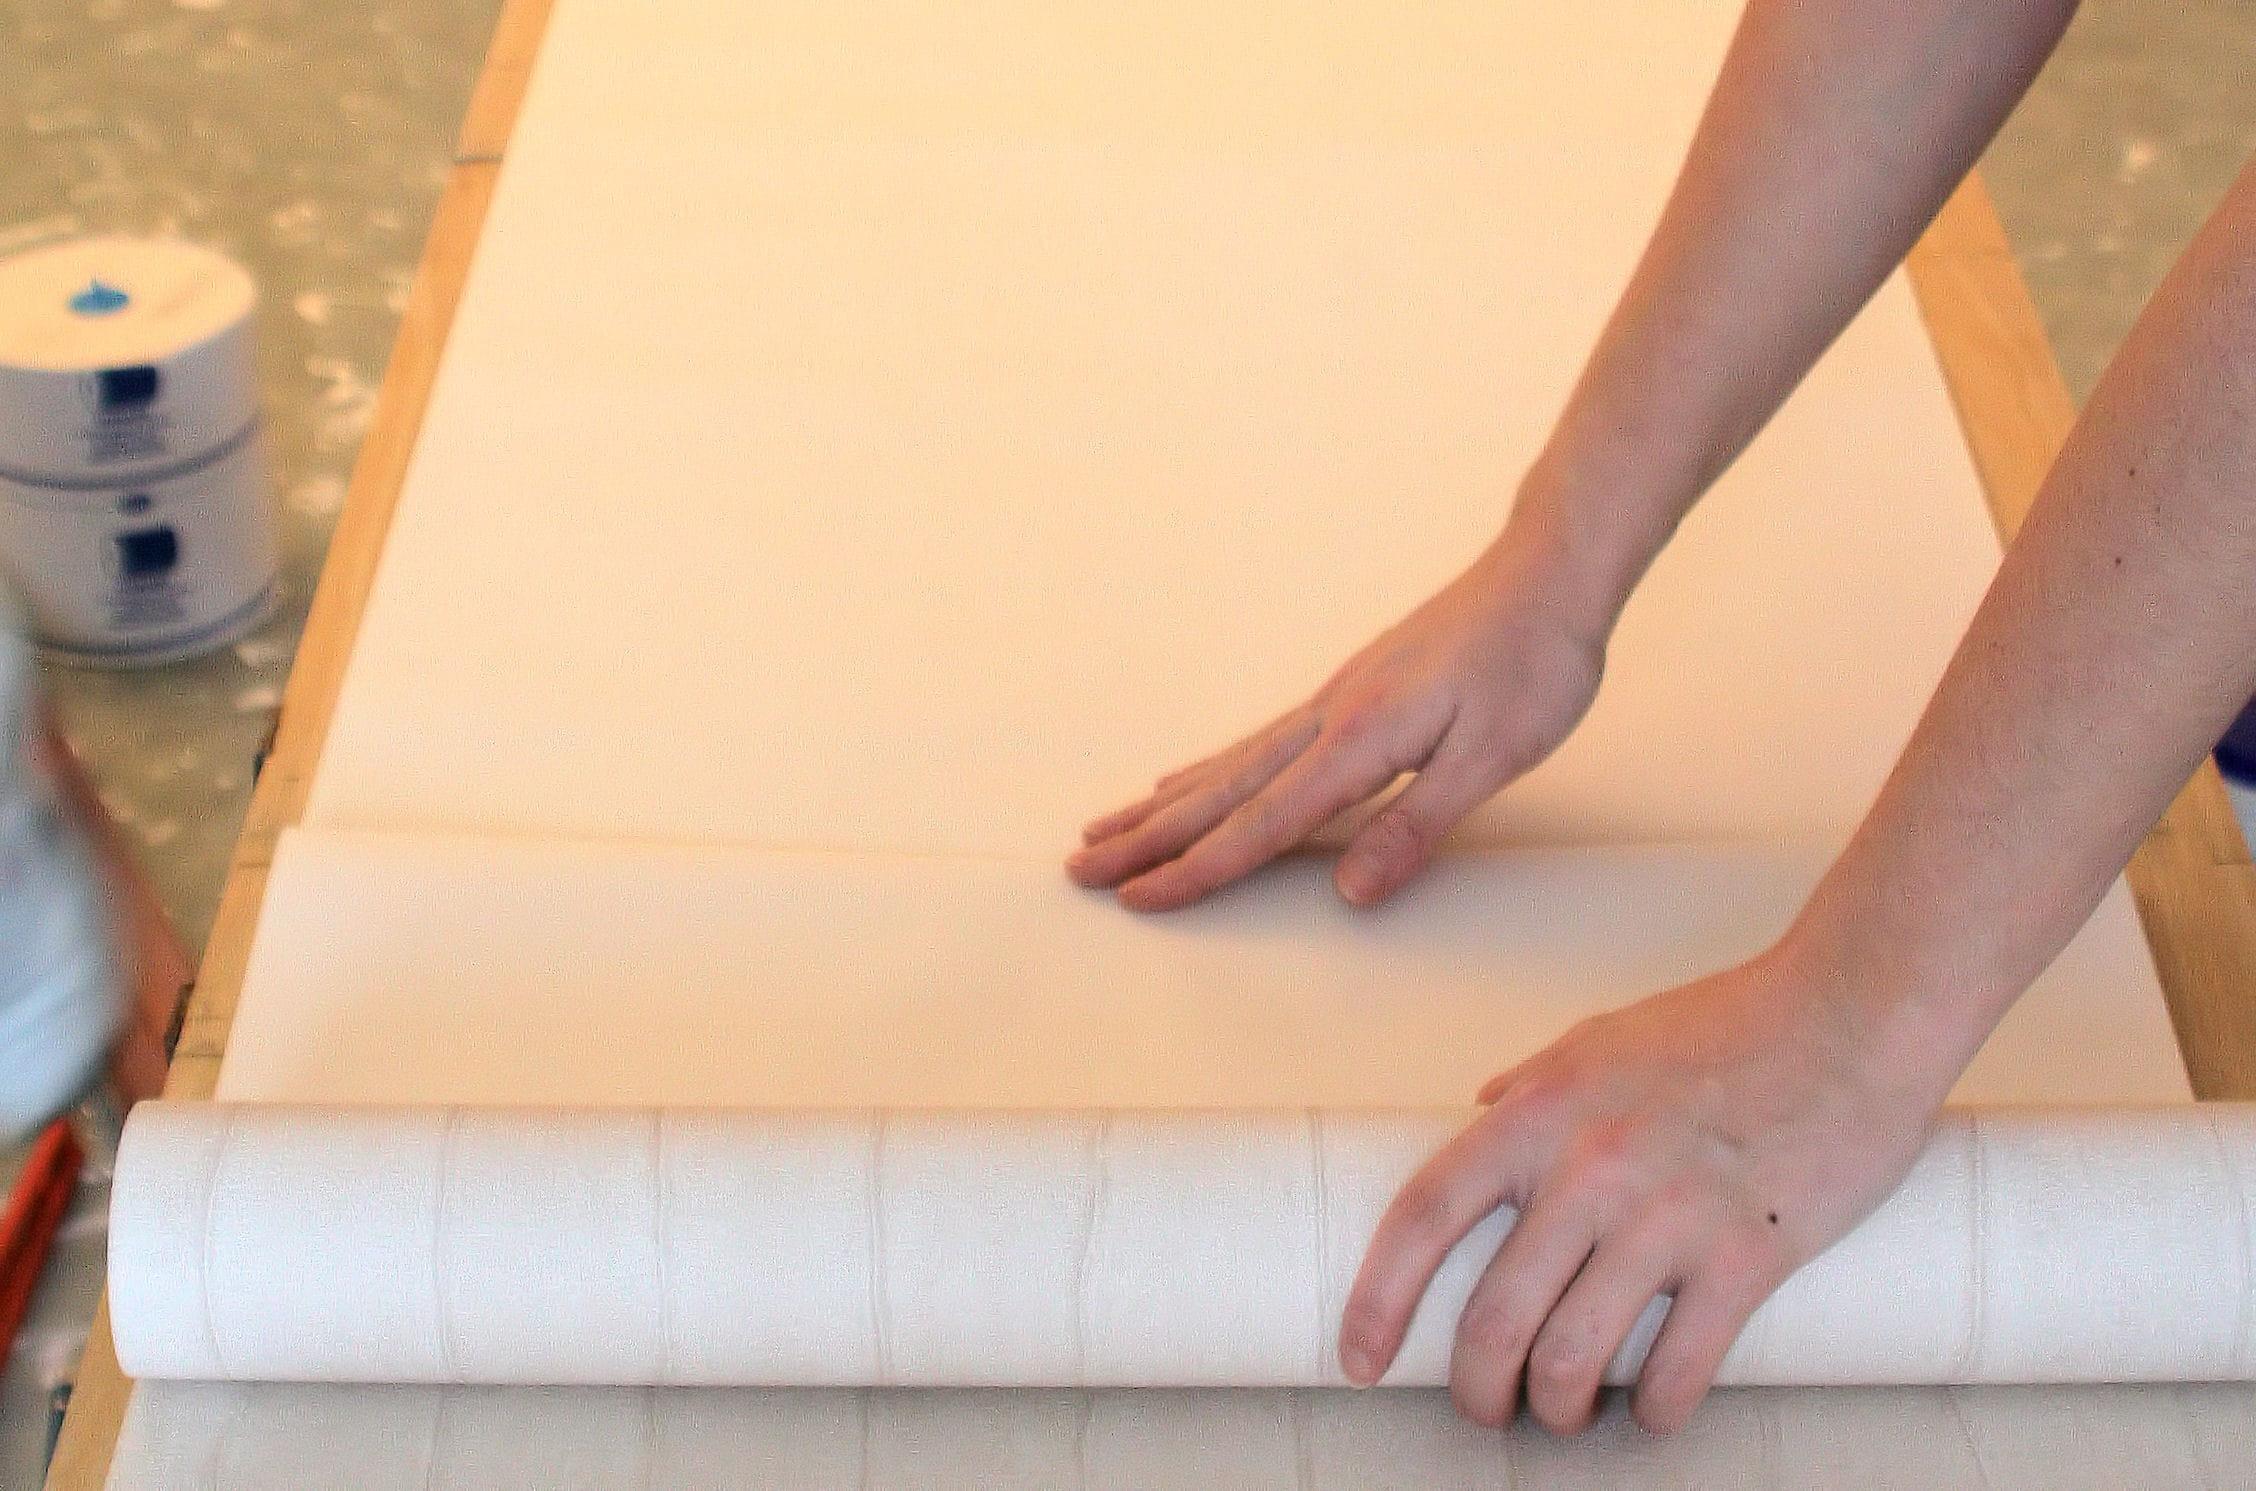 mesurez la hauteur des l s poser du papier peint intiss linternaute. Black Bedroom Furniture Sets. Home Design Ideas